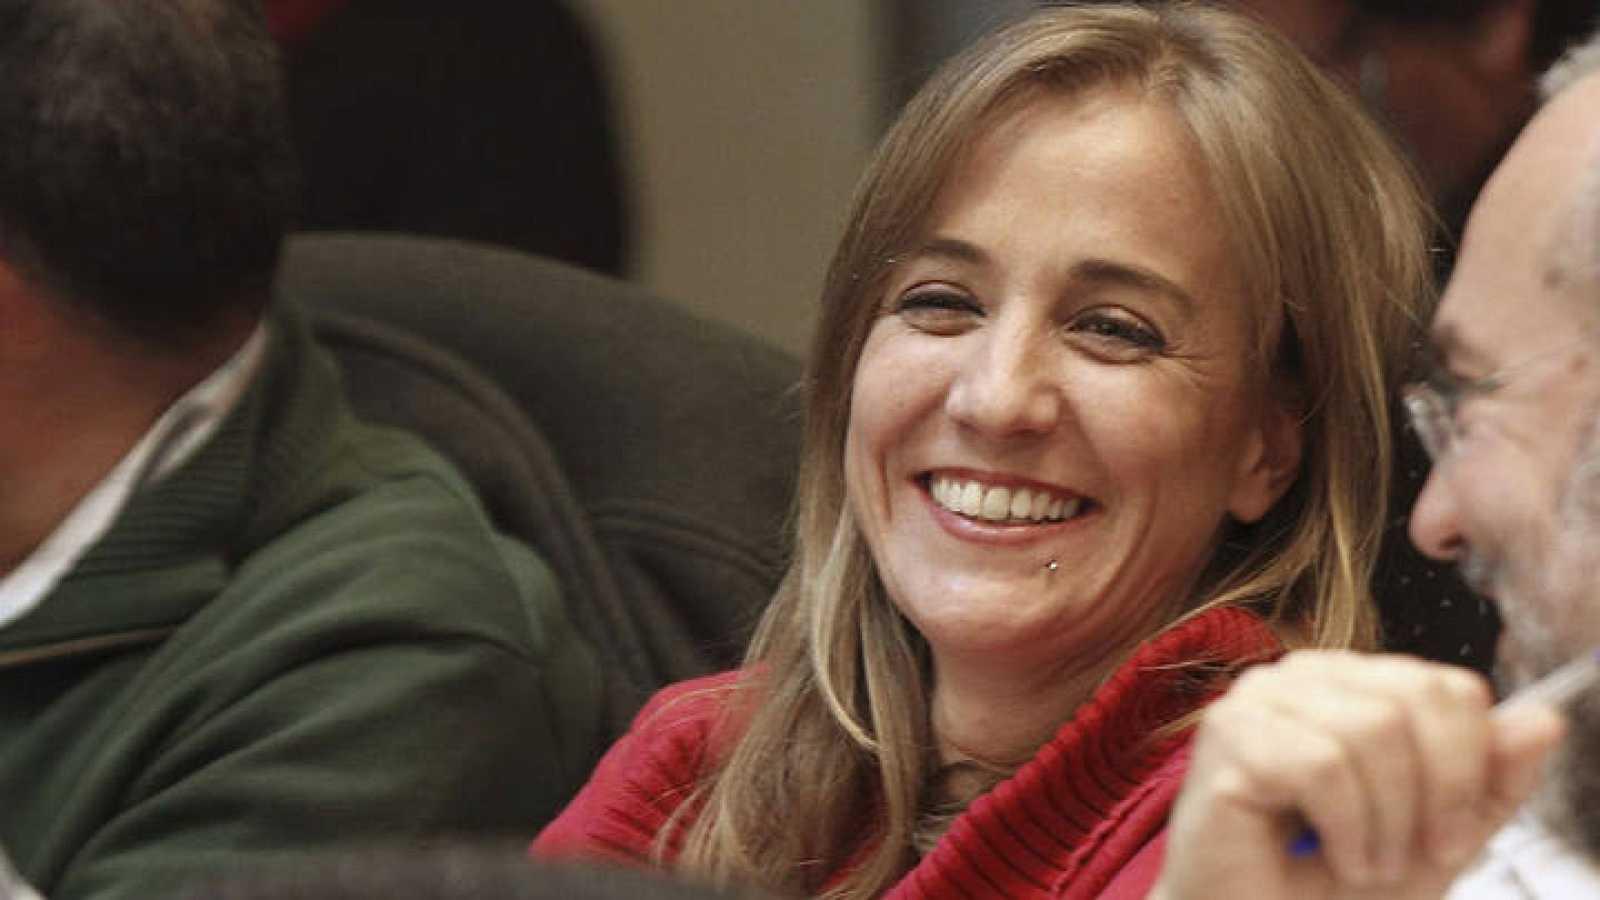 La excandidata de IU Tania Sánchez, en una imagen de archivo.